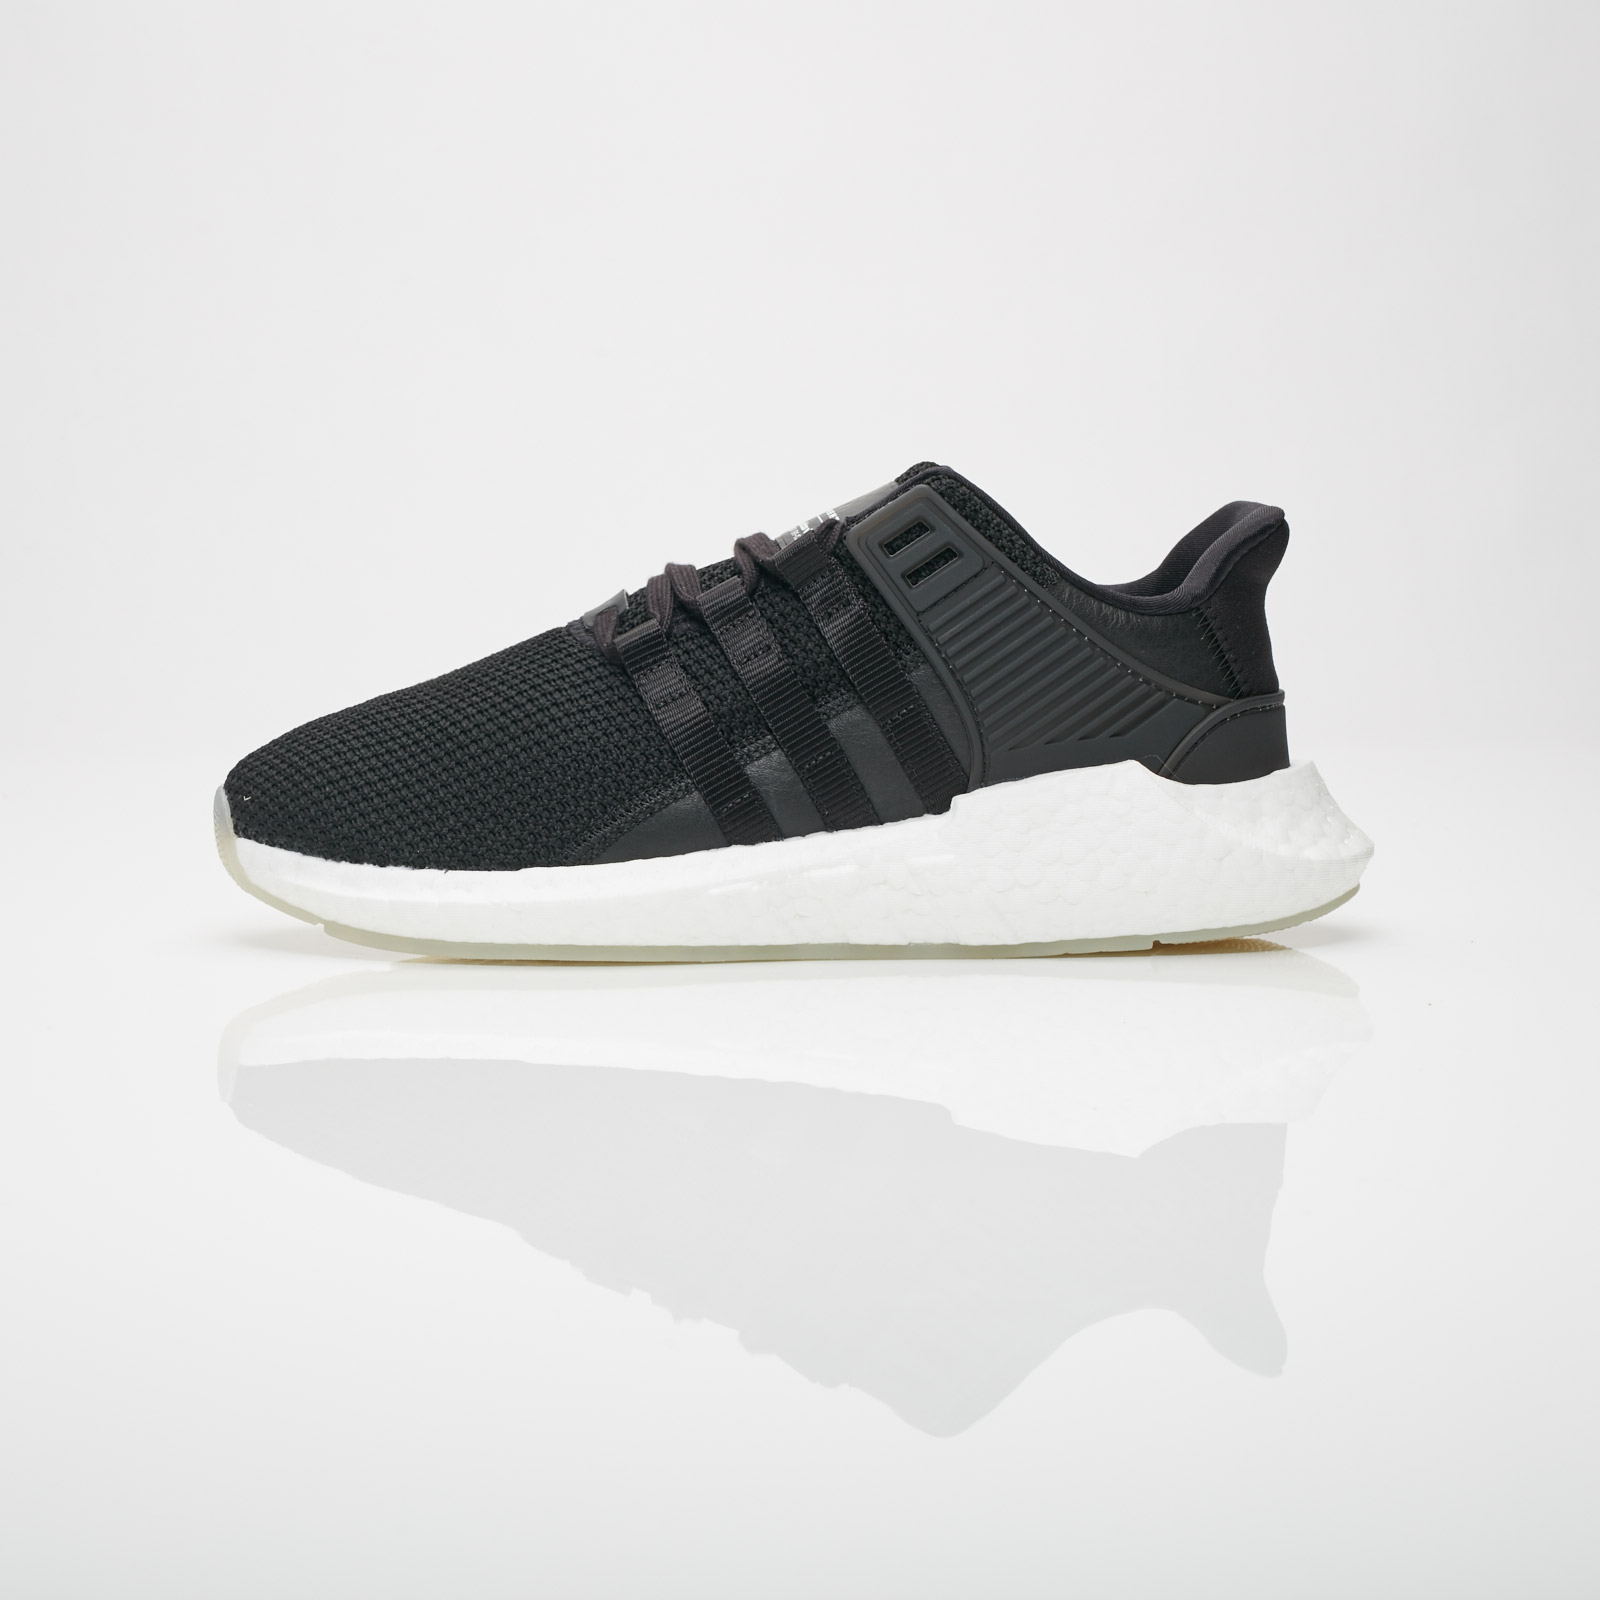 Adidas Originals Soutien Eqt 93/17 Formateurs En Bz0585 Noir - Noir snEmJ5Yt